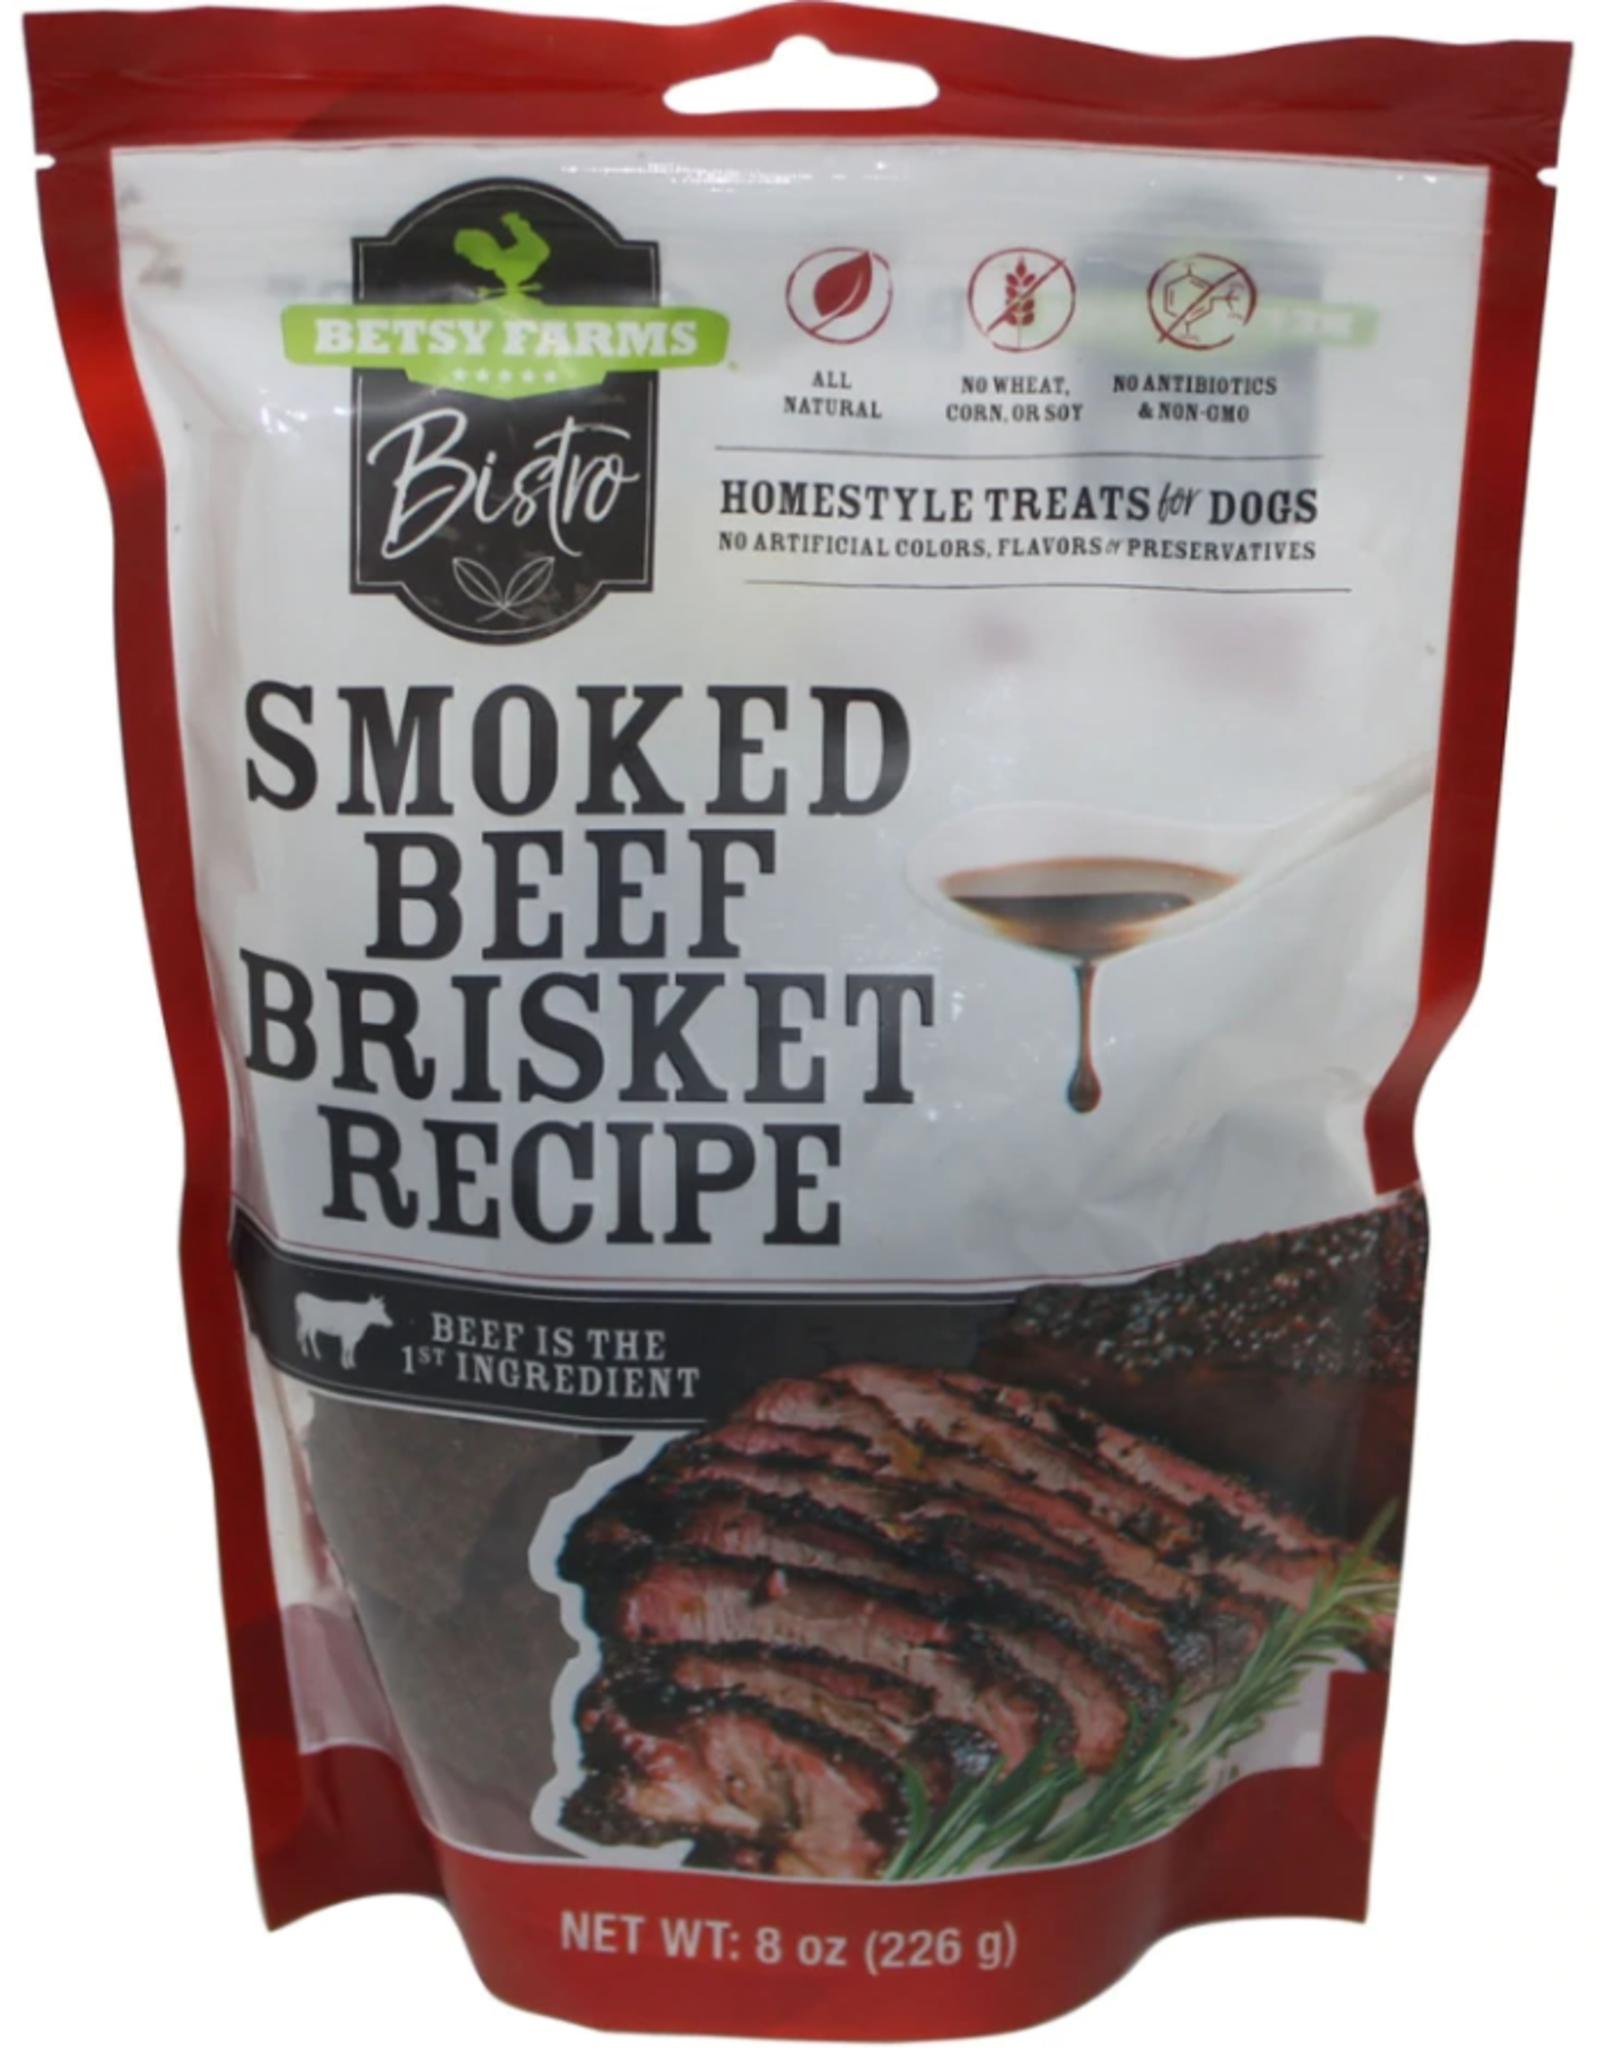 BETSY FARM BISTRO SMOKED BEEF BRISKET 8OZ